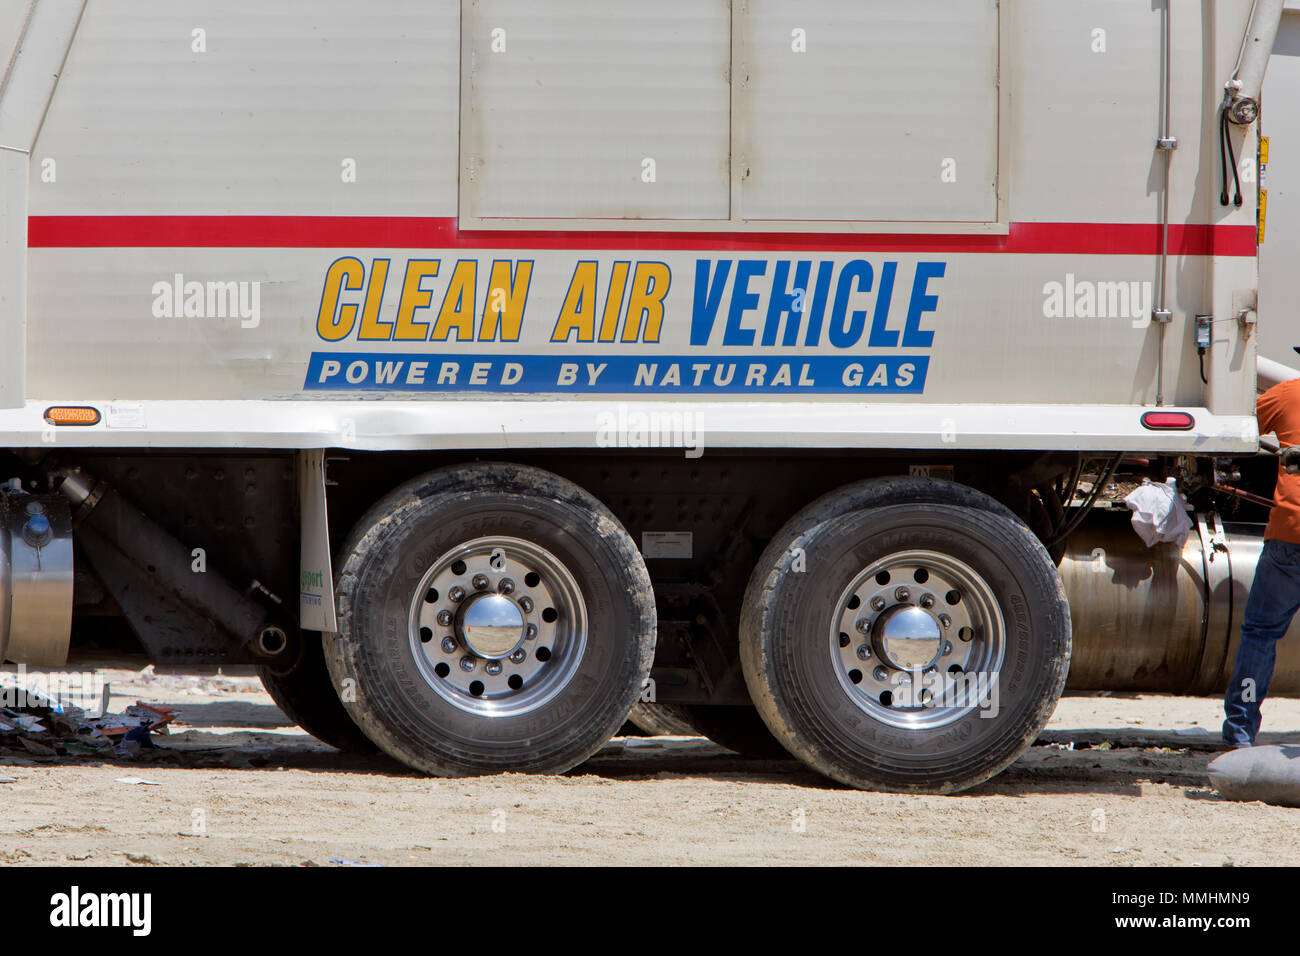 """""""Aire Limpio"""" - """"vehículos alimentados por gas natural', el camión que transporta la basura ato relleno sanitario local. Imagen De Stock"""